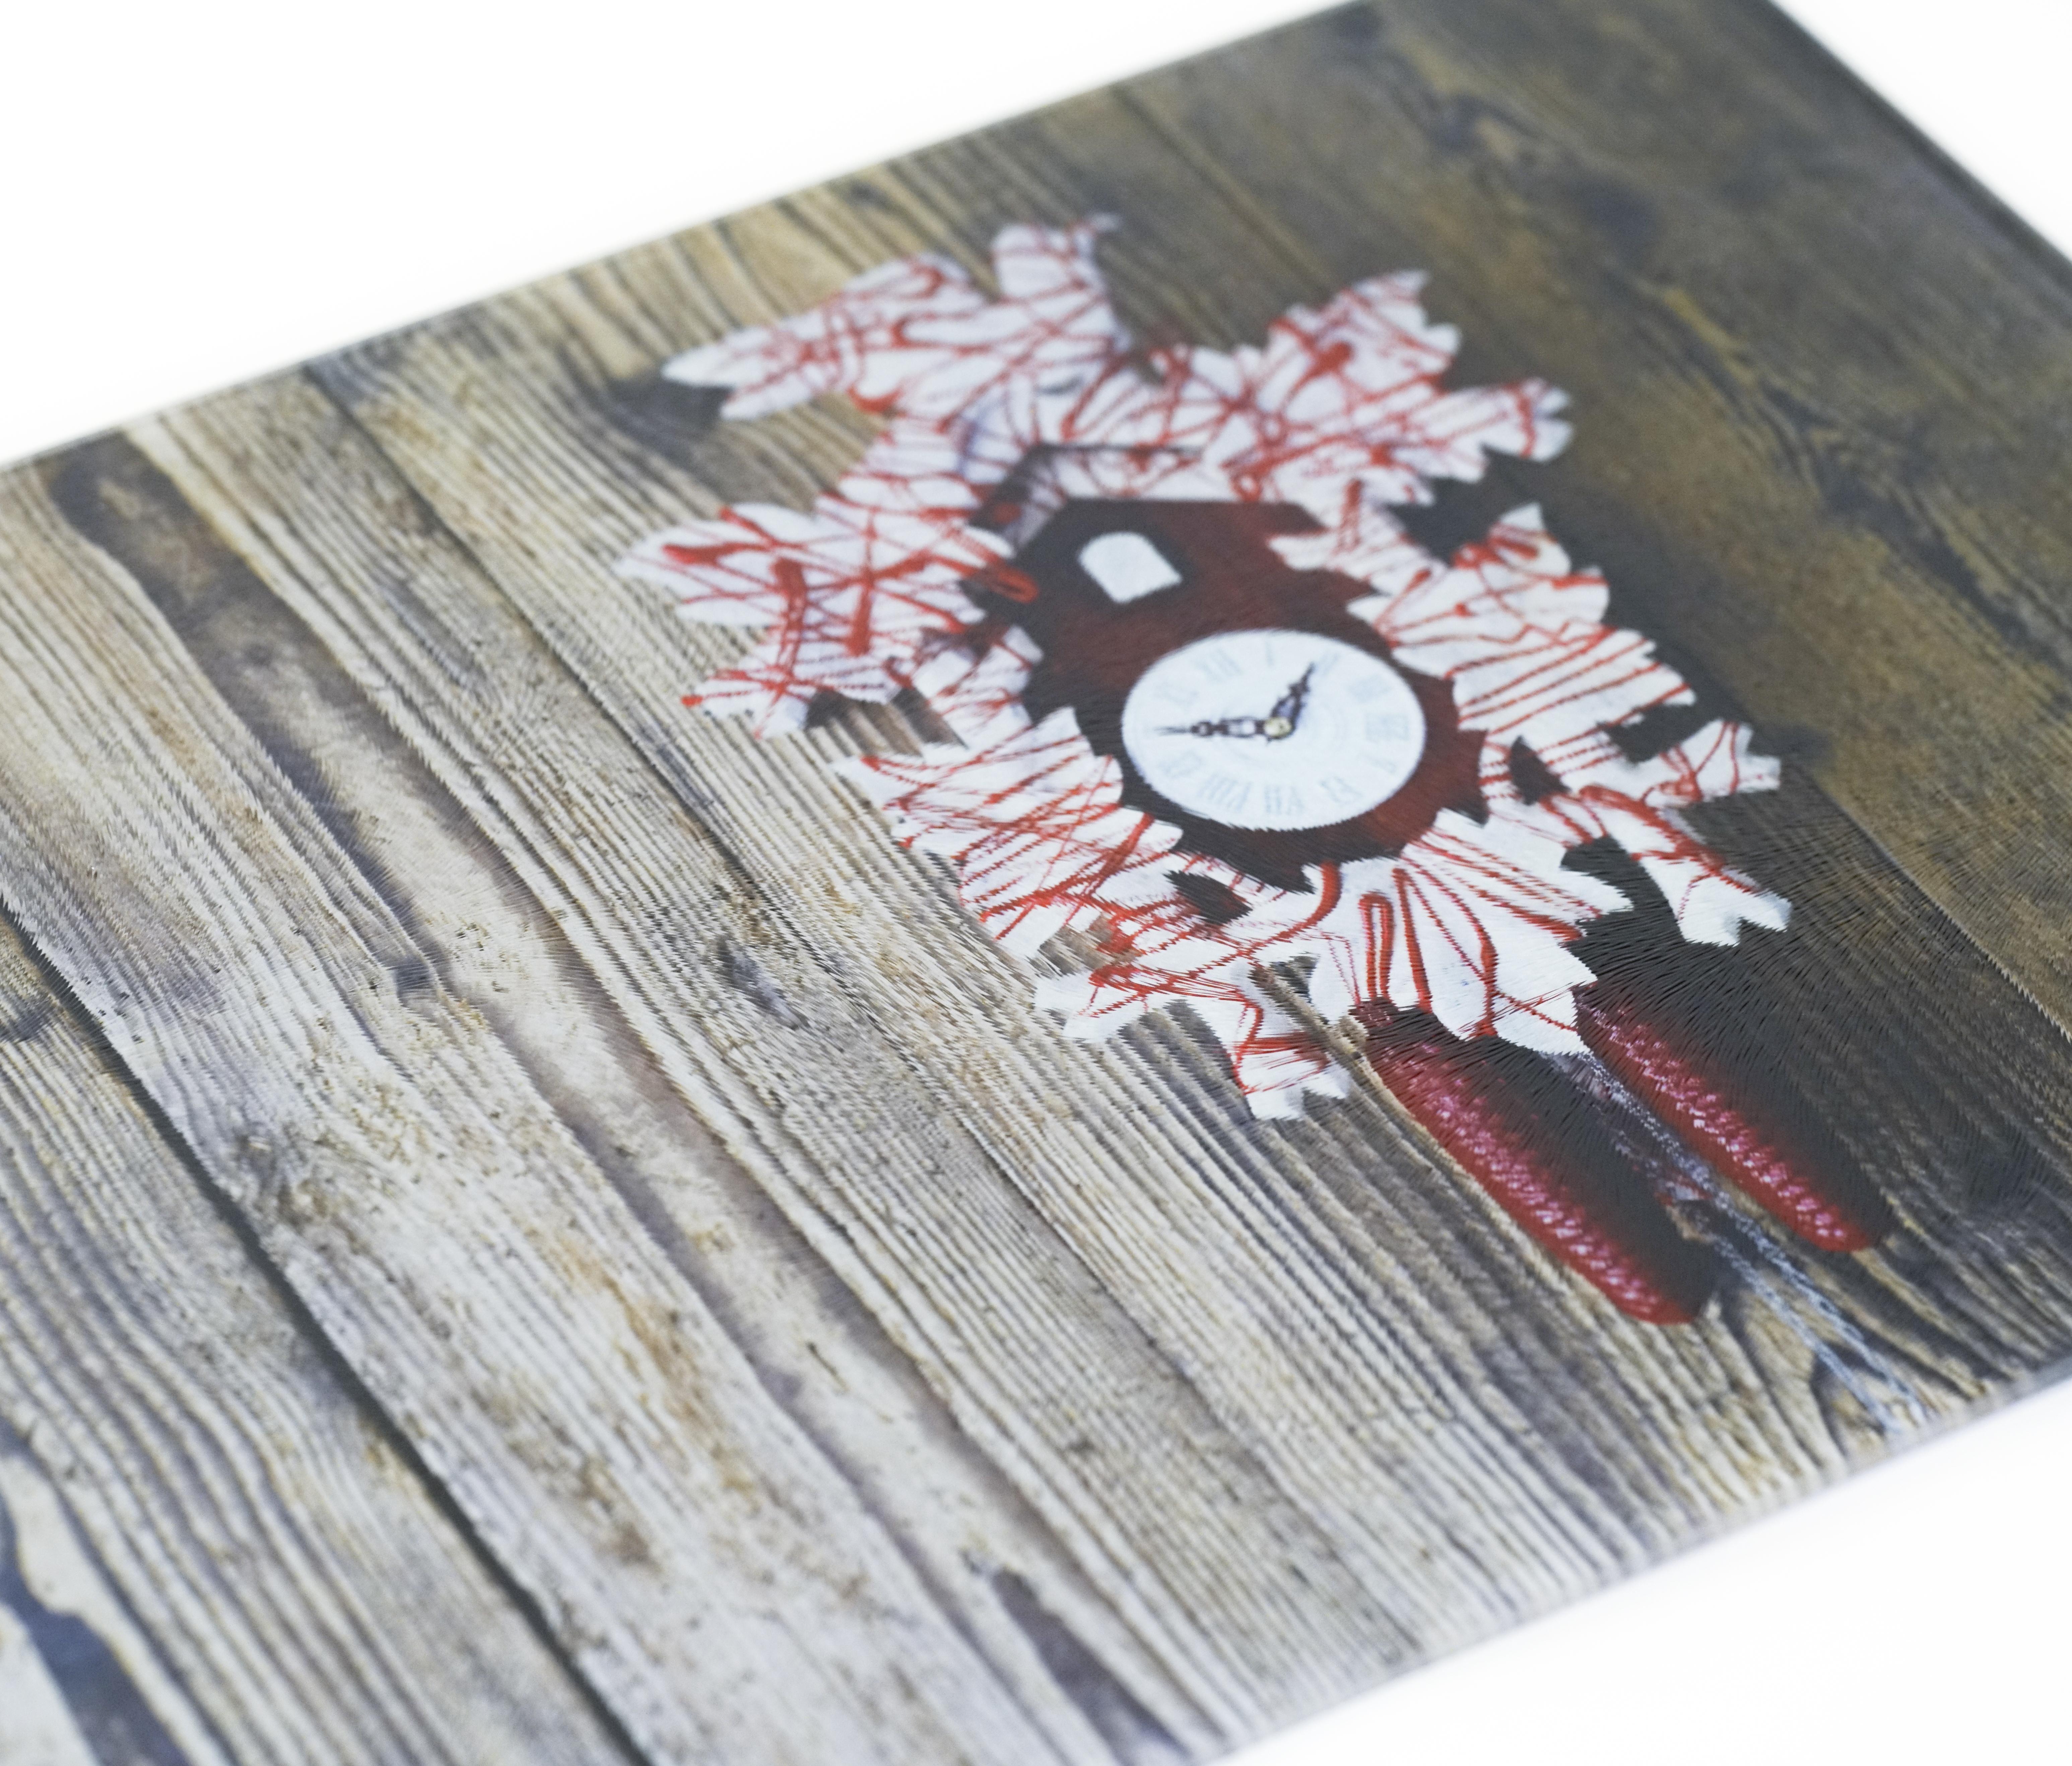 Schneidebrett (Kuckuck an Holz)